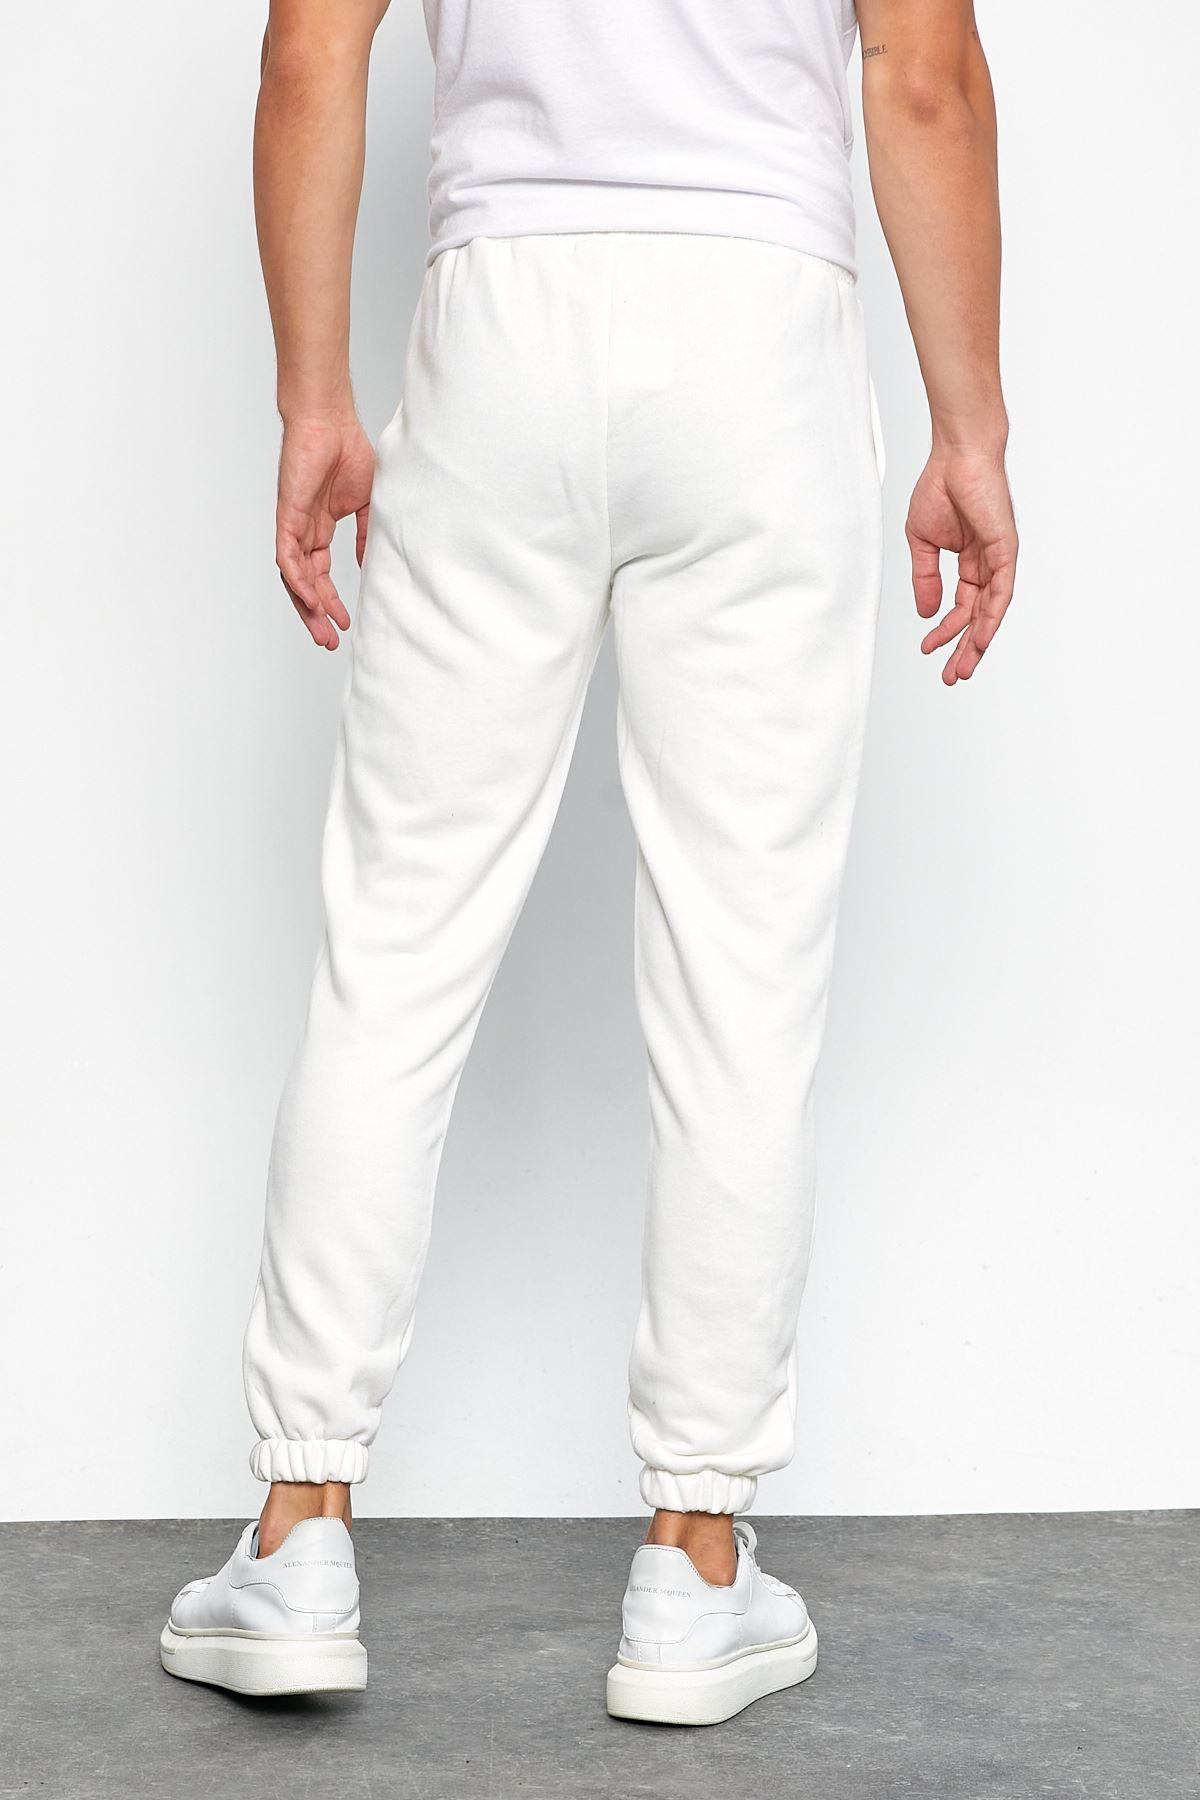 Erkek Şardonsuz 3 İplik Jogger Penye Çımalı Beyaz Eşofman